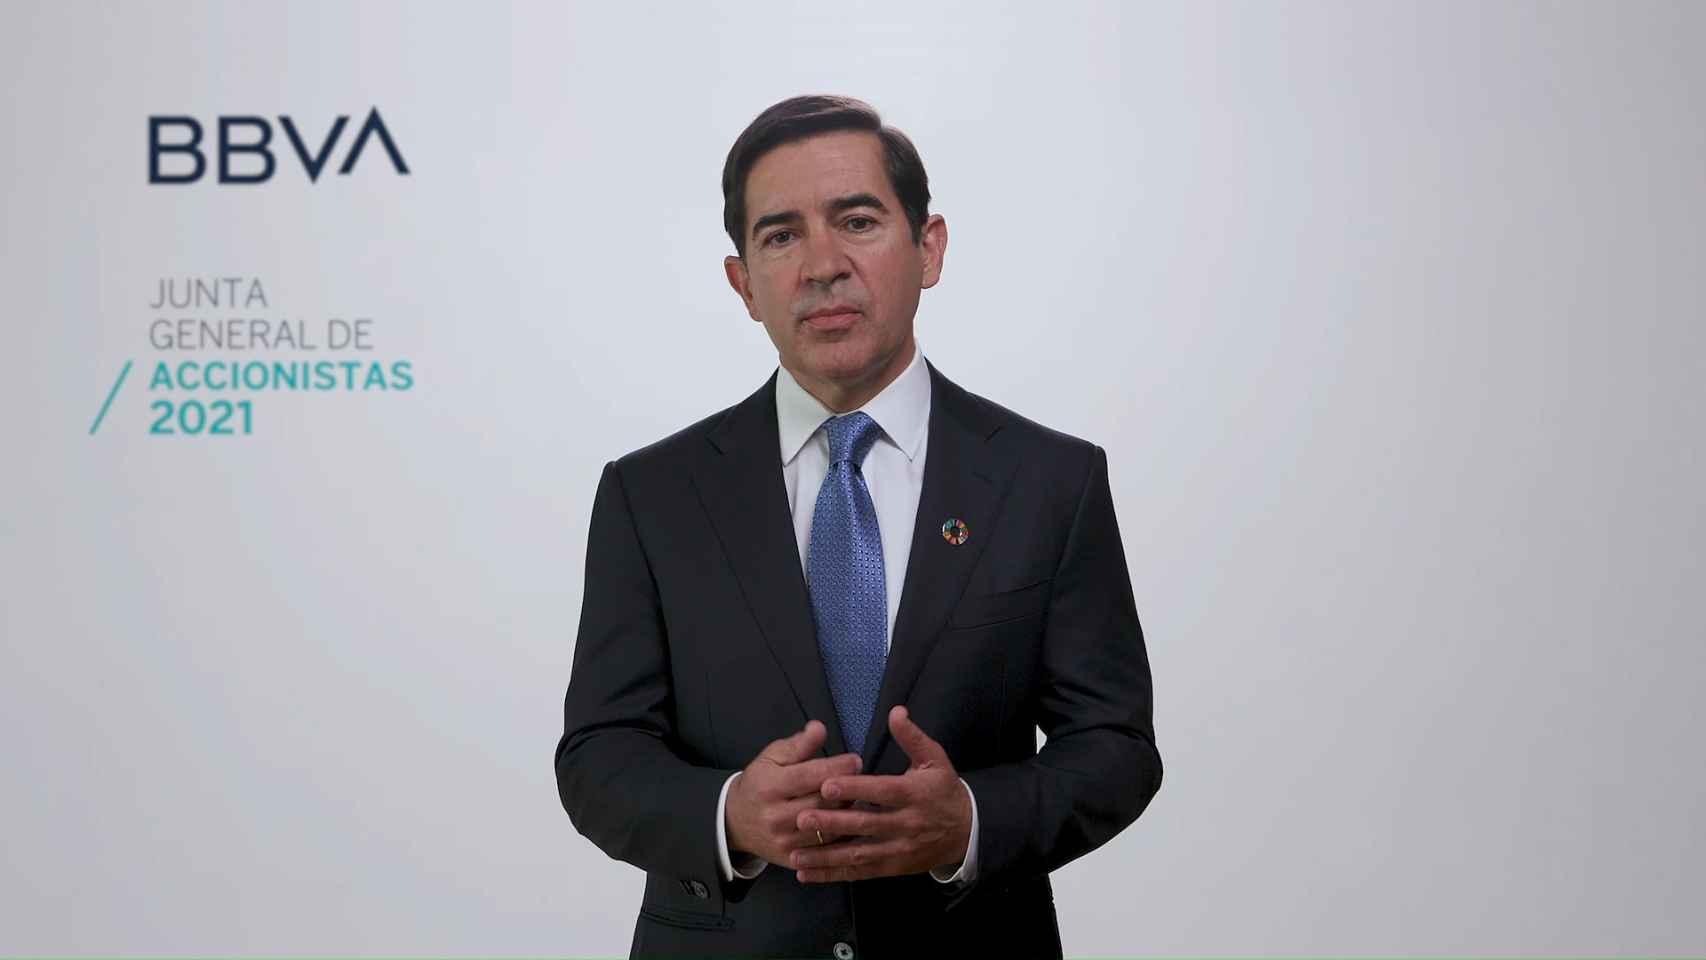 Carlos Torres interviene en la junta de accionistas de BBVA.